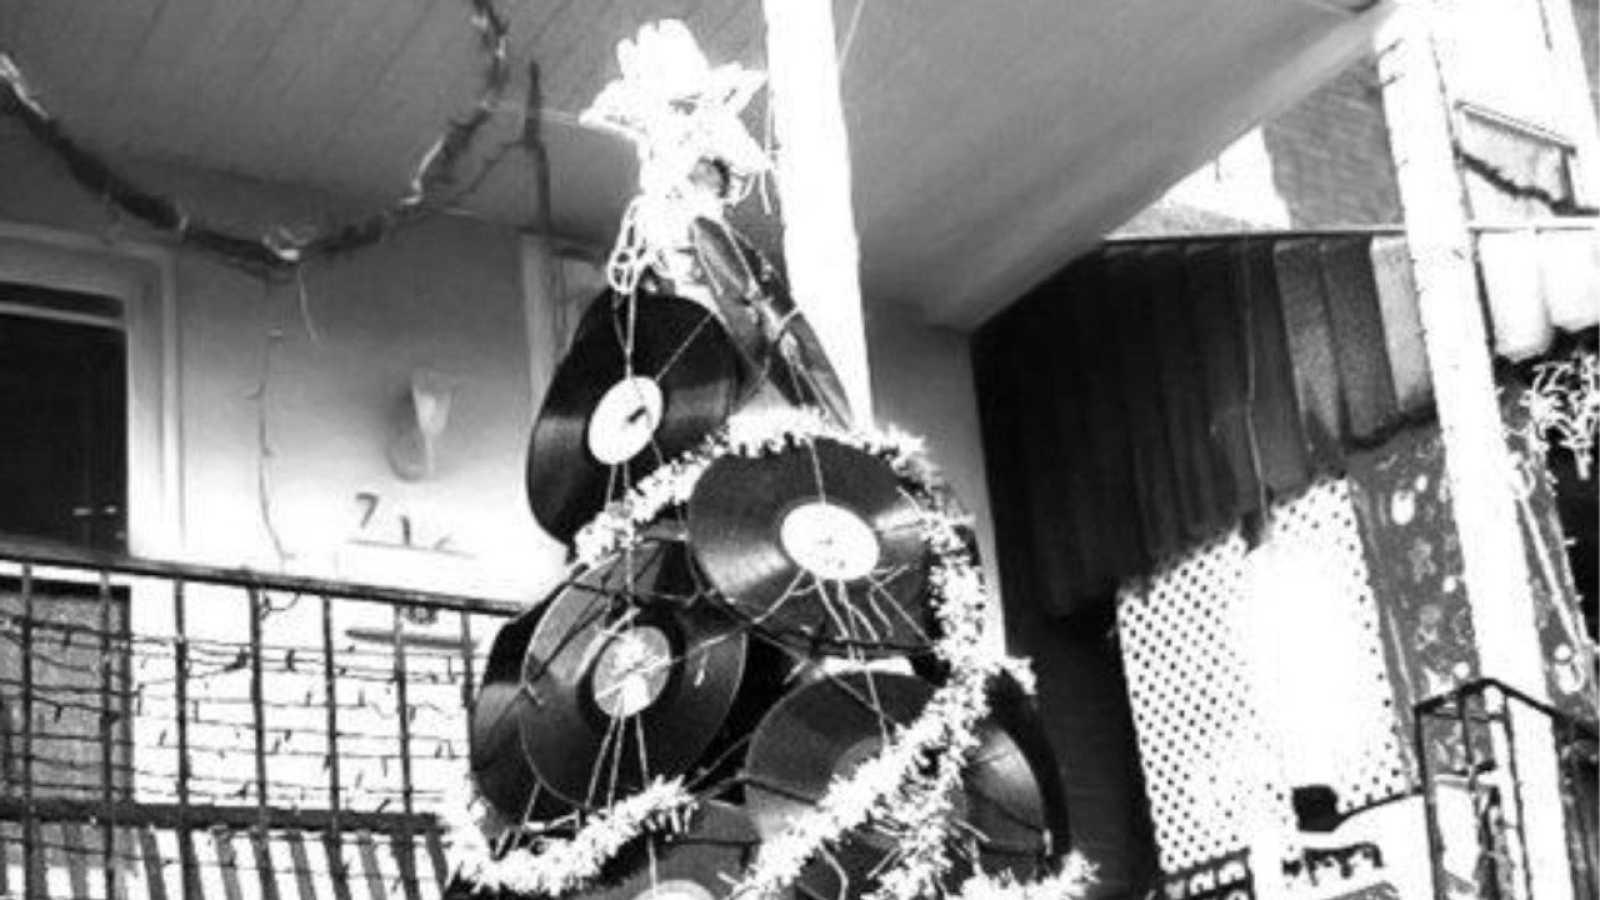 El sótano - Nochebuena Nochebuena Rock'n'Rolll - 24/12/20 - escuchar ahora